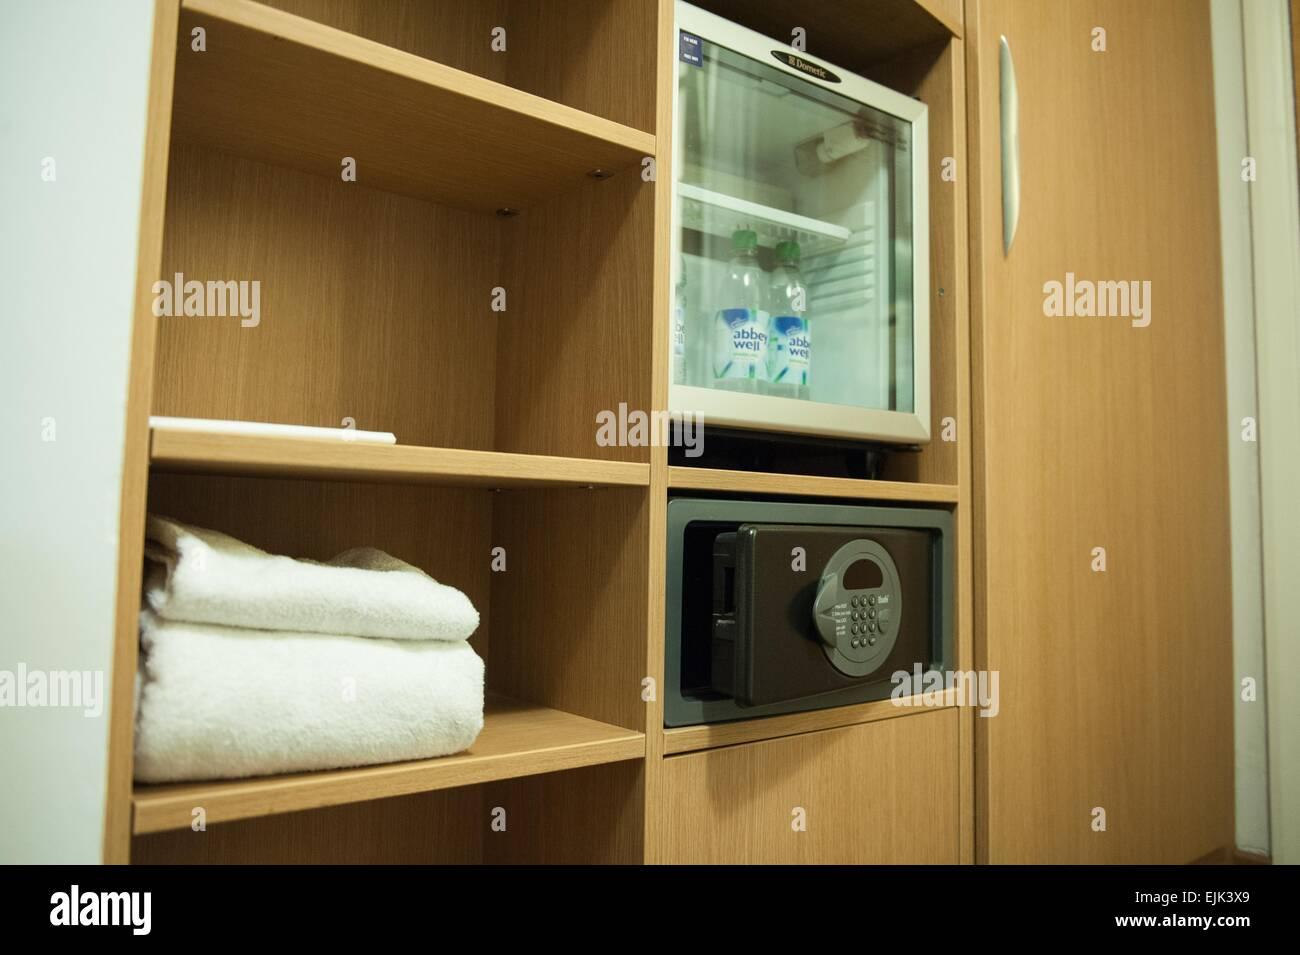 Minibar Als Kühlschrank Nutzen : Novotel hotelzimmer minibar kühlschrank und safe stockfoto bild